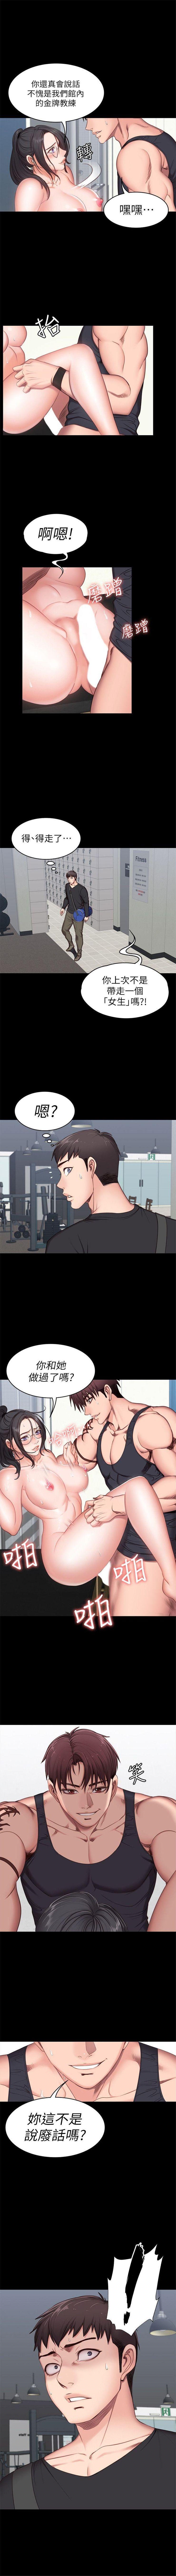 (週3)健身教練 1-37 中文翻譯 (更新中) 30